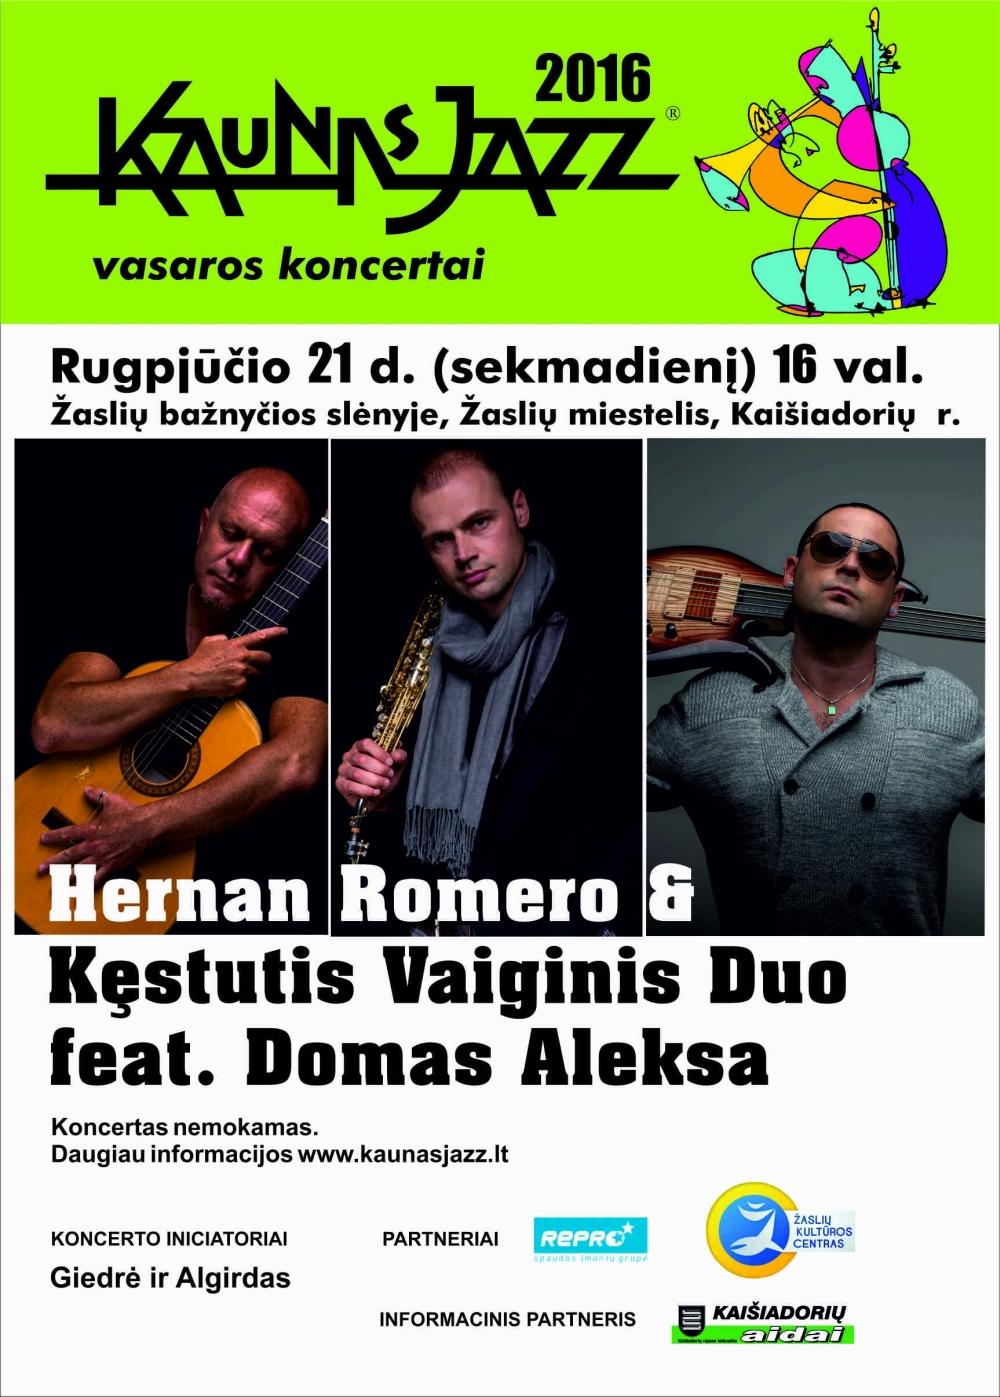 Kaunas Jazz 2016 vasaros koncertai